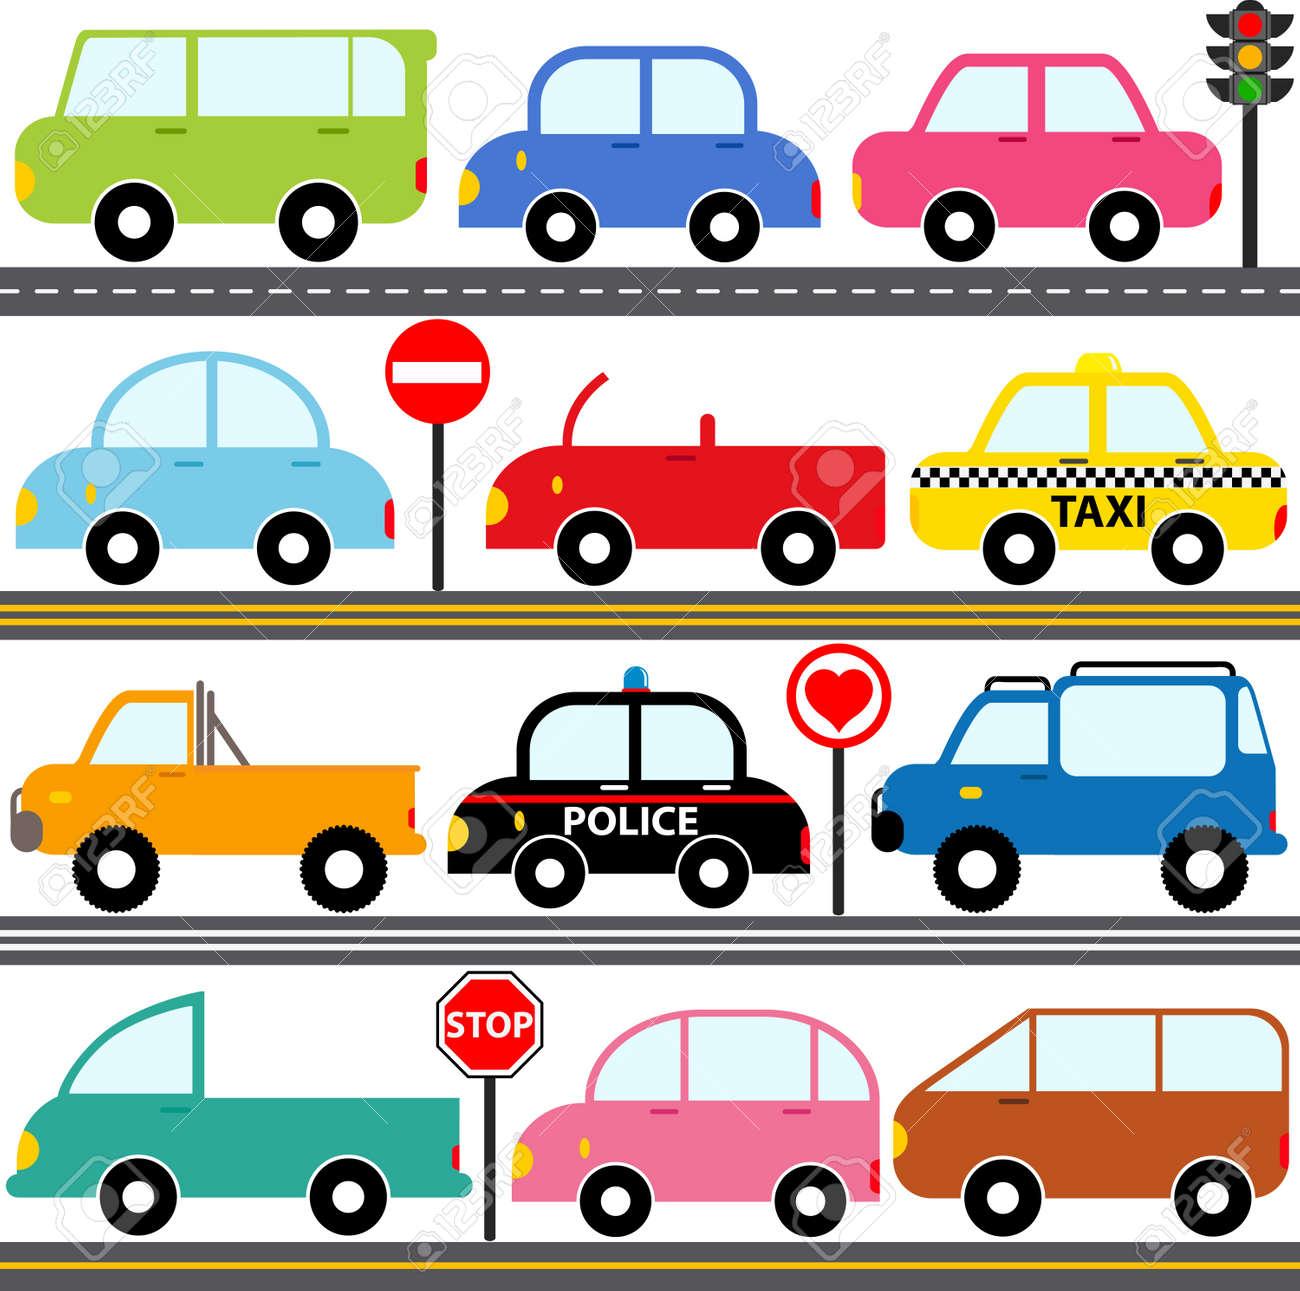 かわいいアイコン車車両輸送のセット ロイヤリティフリークリップ